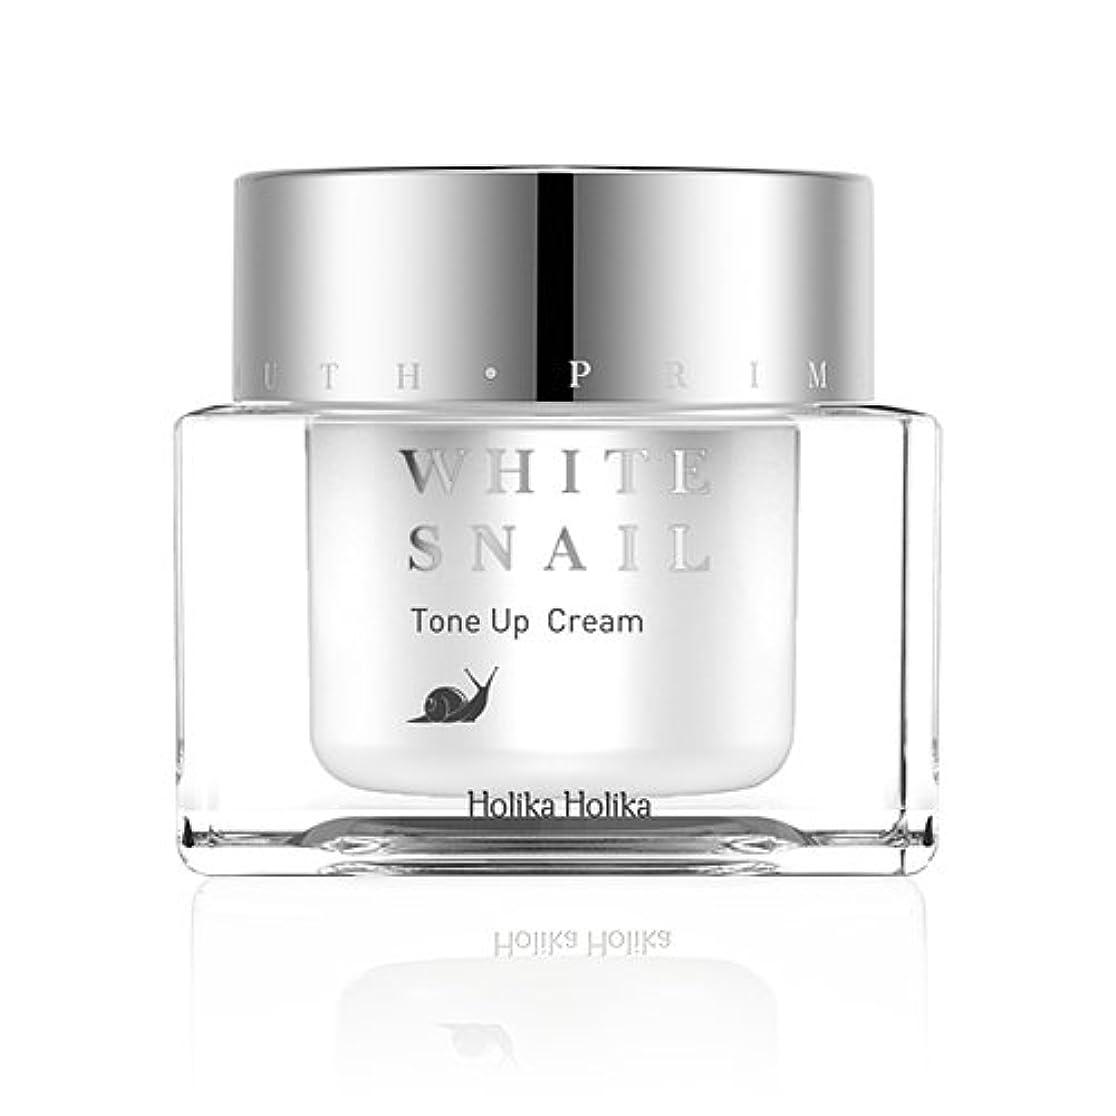 地平線定常キウイHolikaHolika(ホリカホリカ) Prime Youth White Snail Tone-Up Cream プライムユースホワイトスネイルトーンアップクリーム カタツムリ エスカルゴ [並行輸入品]